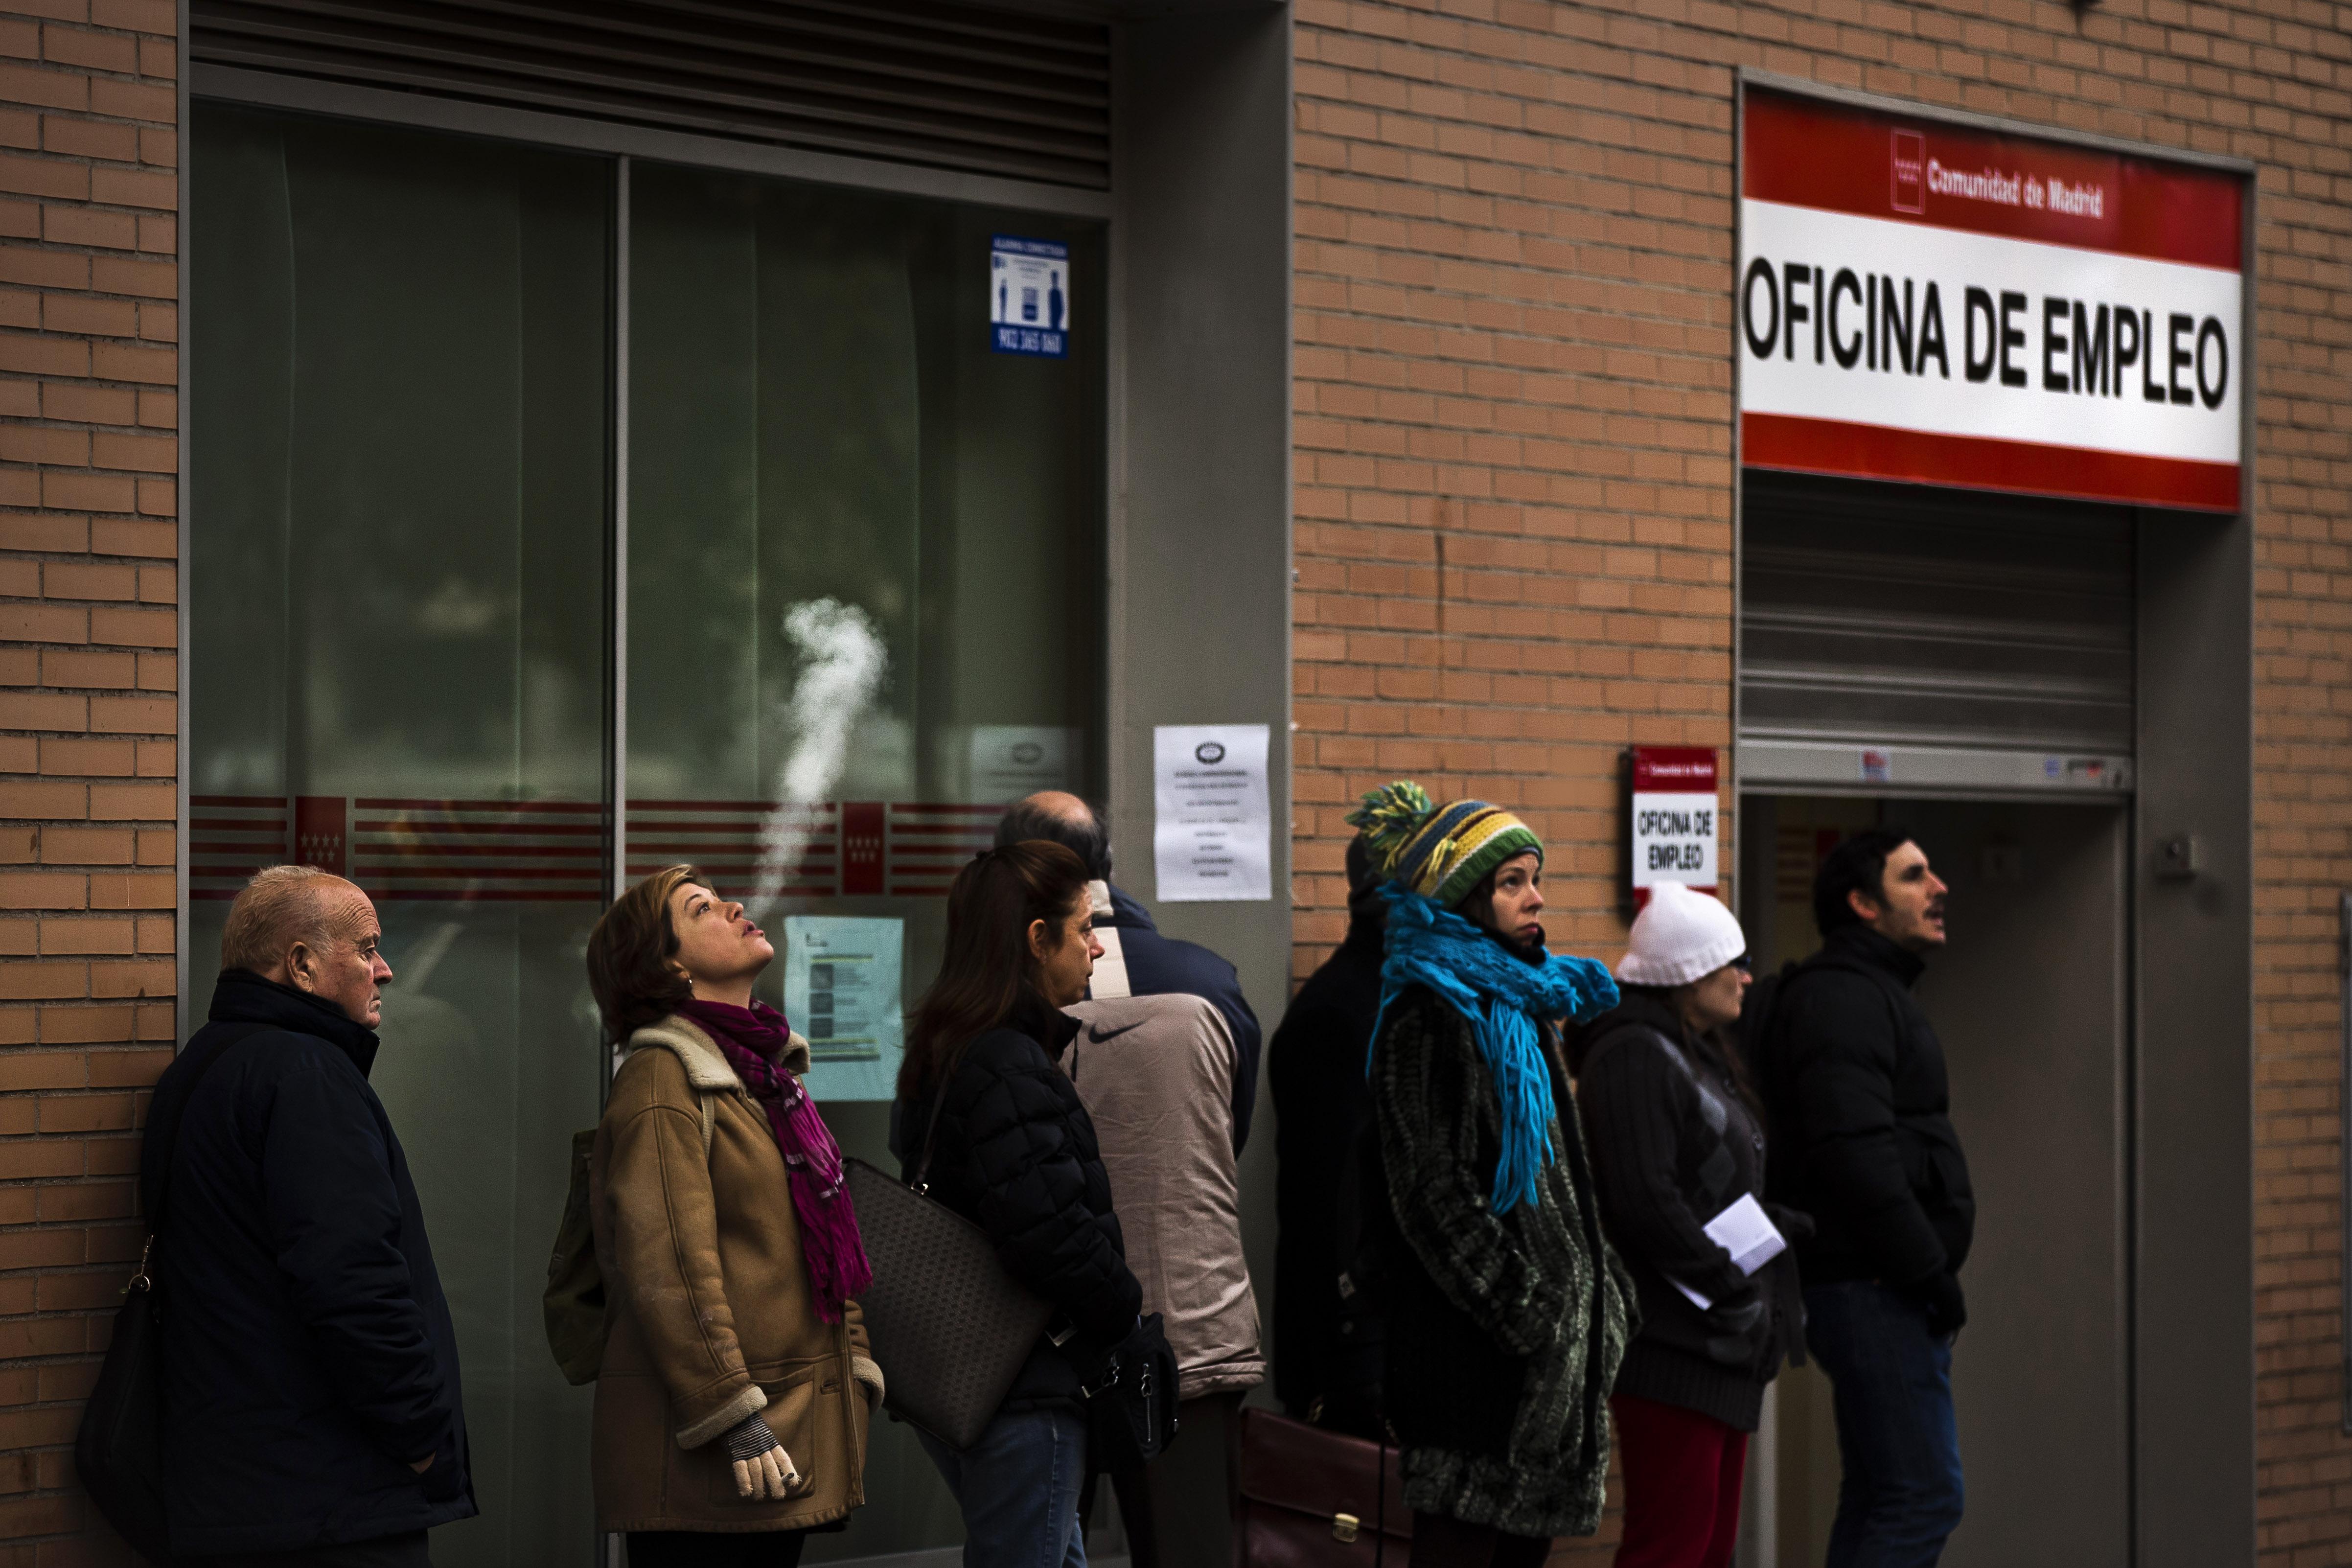 el empleo en españa podría tardar 17 años en volver a los niveles precrisis